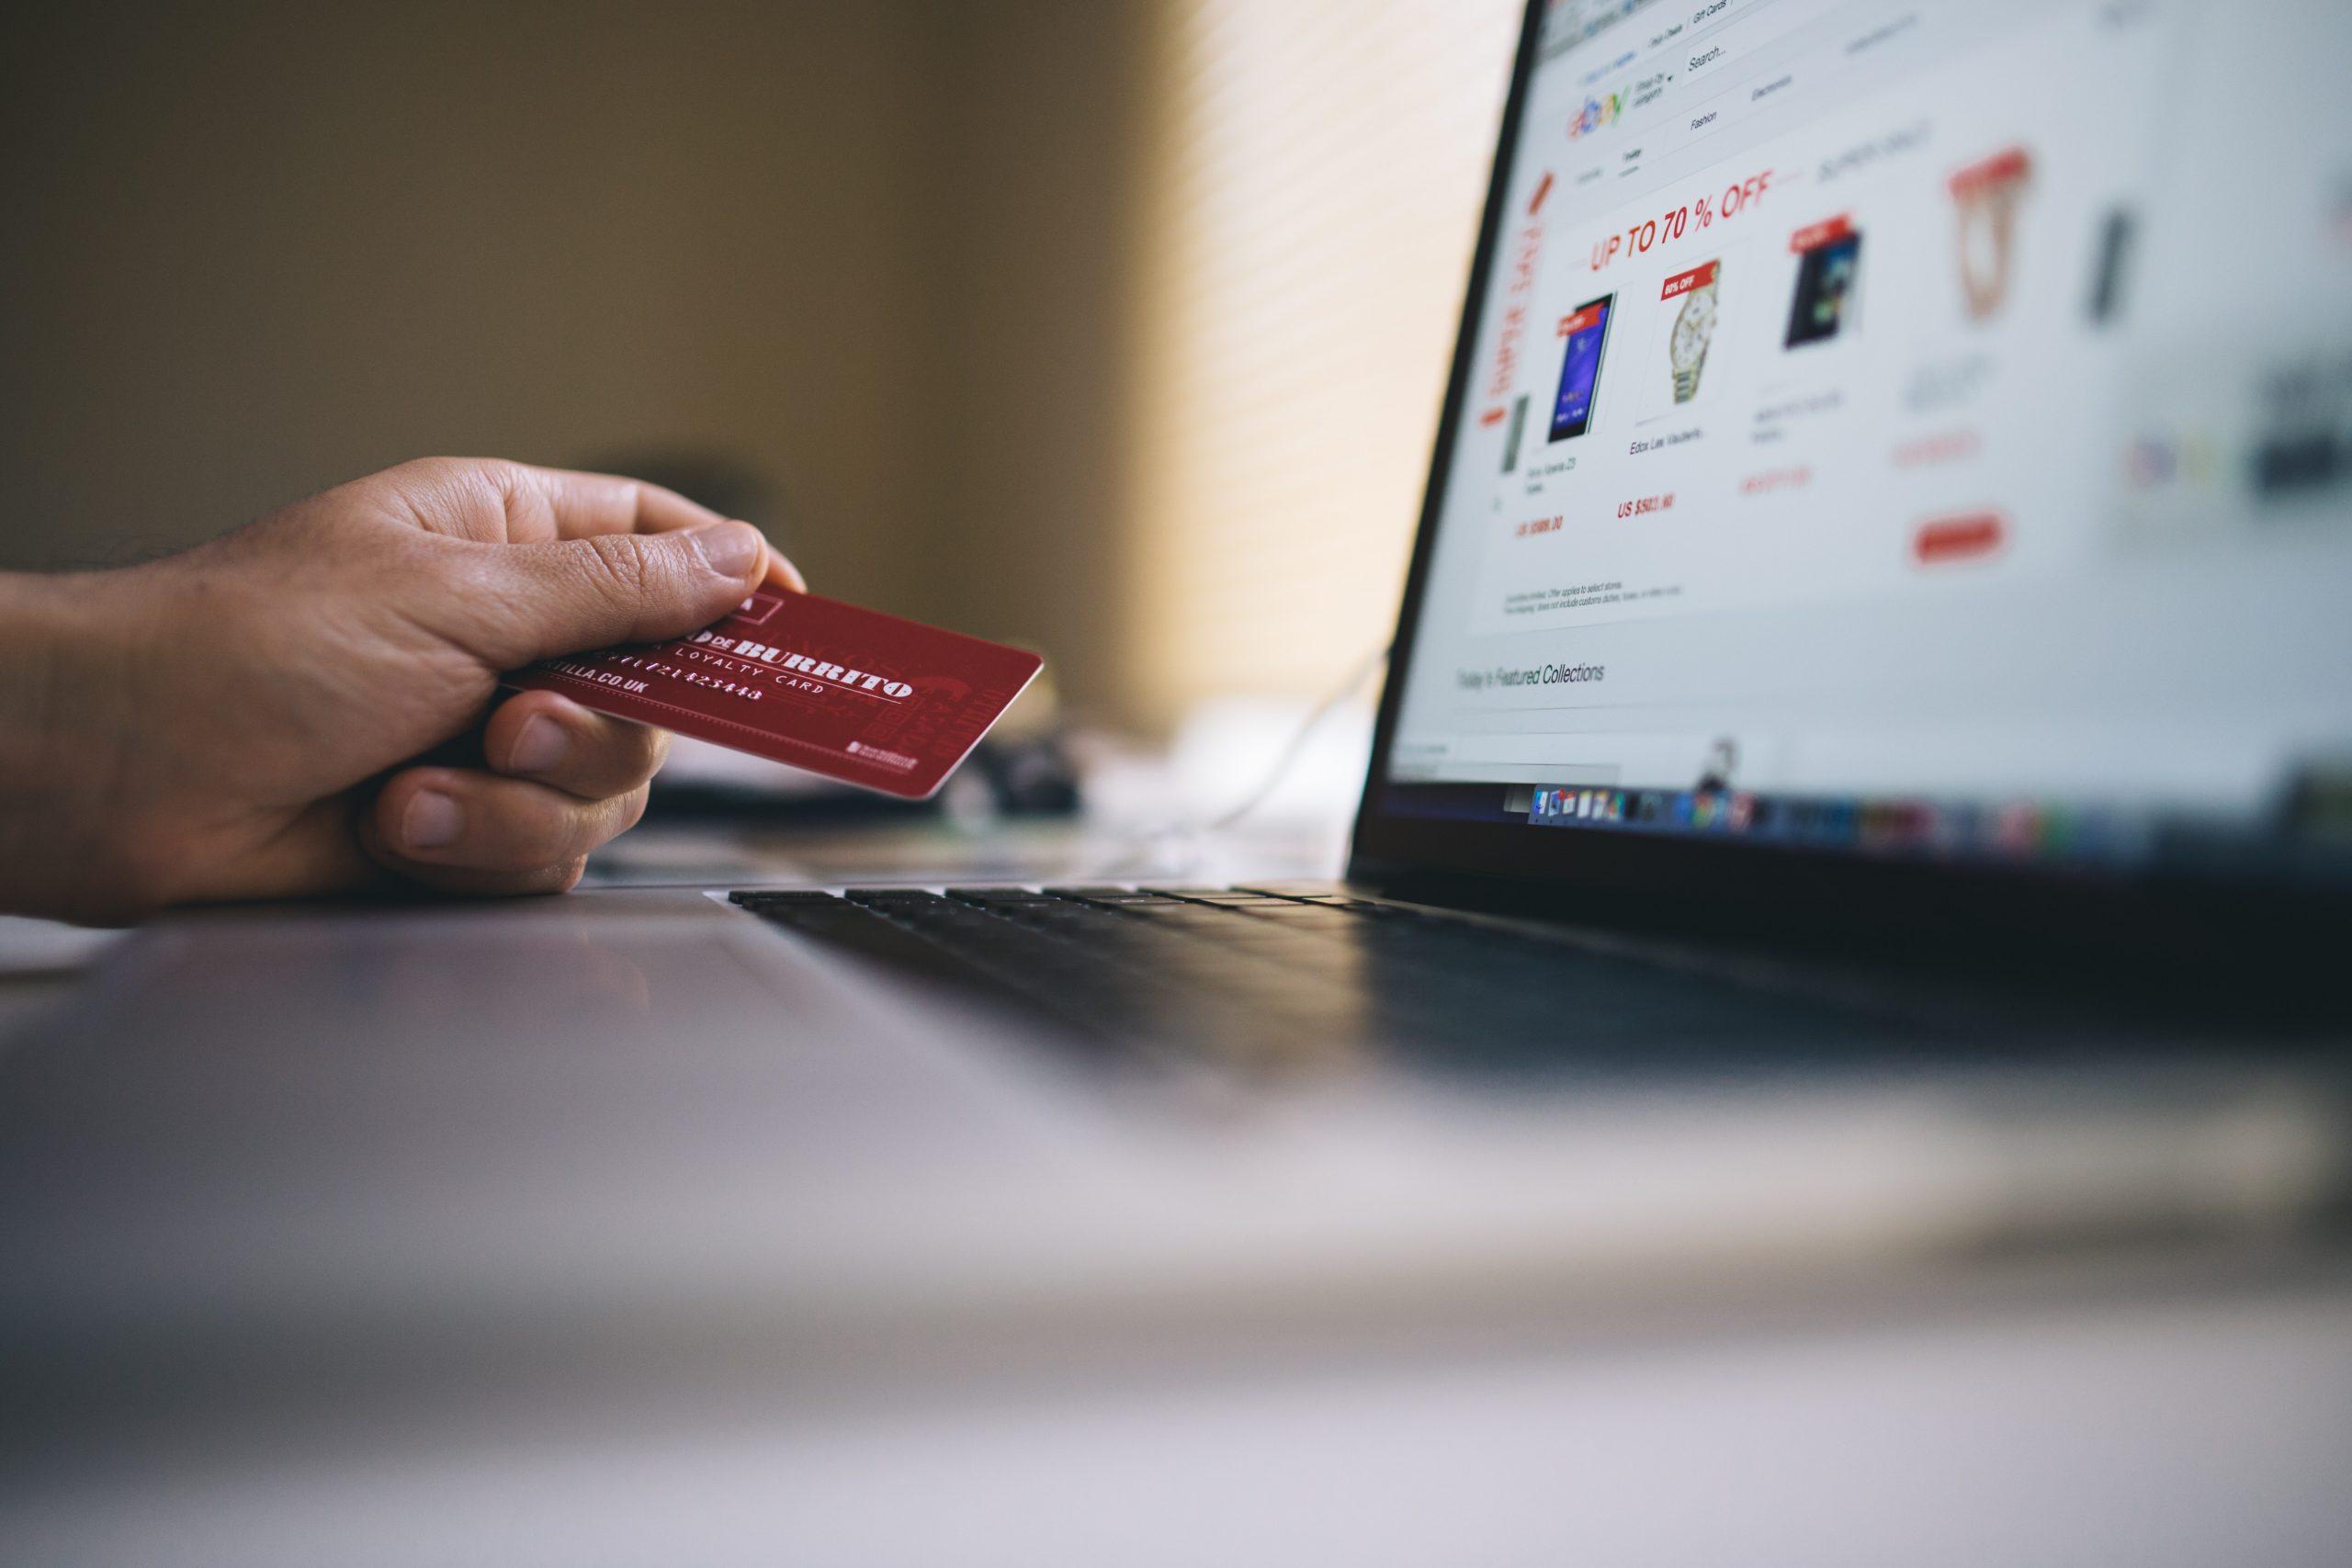 wat is paypal en hoe werkt paypal